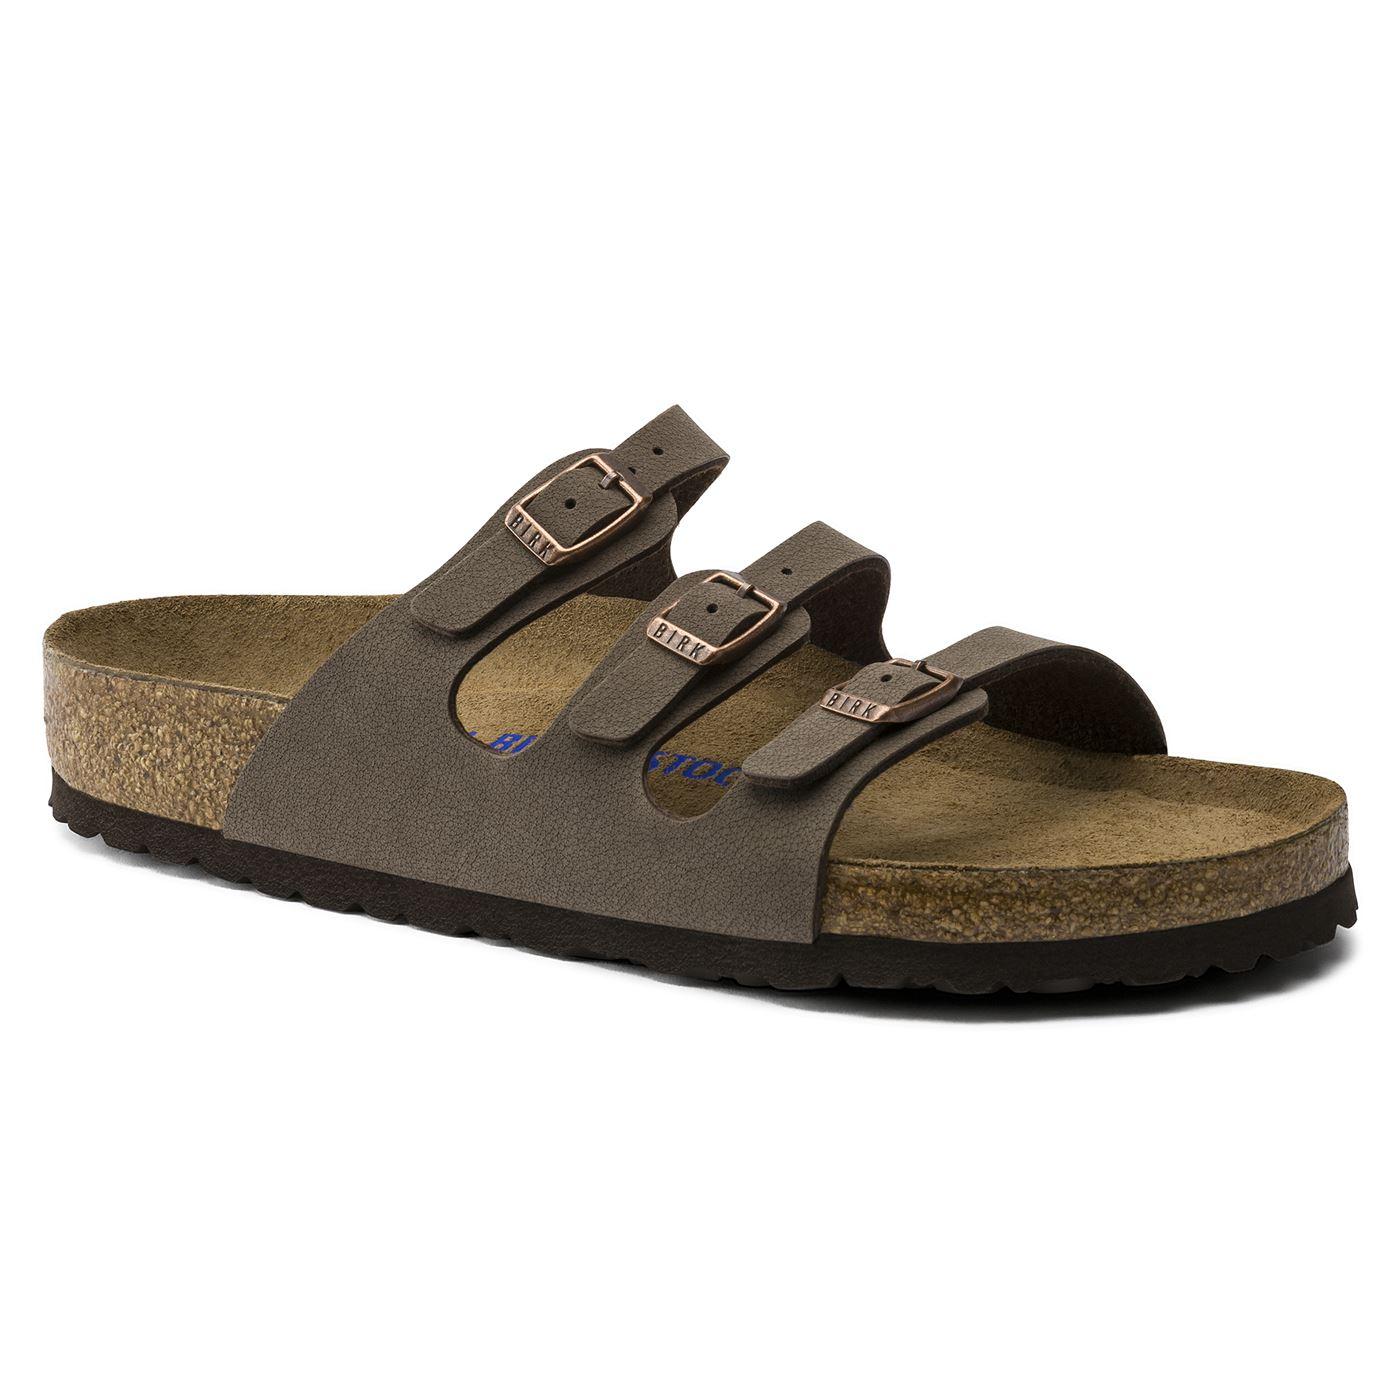 Florida Soft Nubuck Sandal